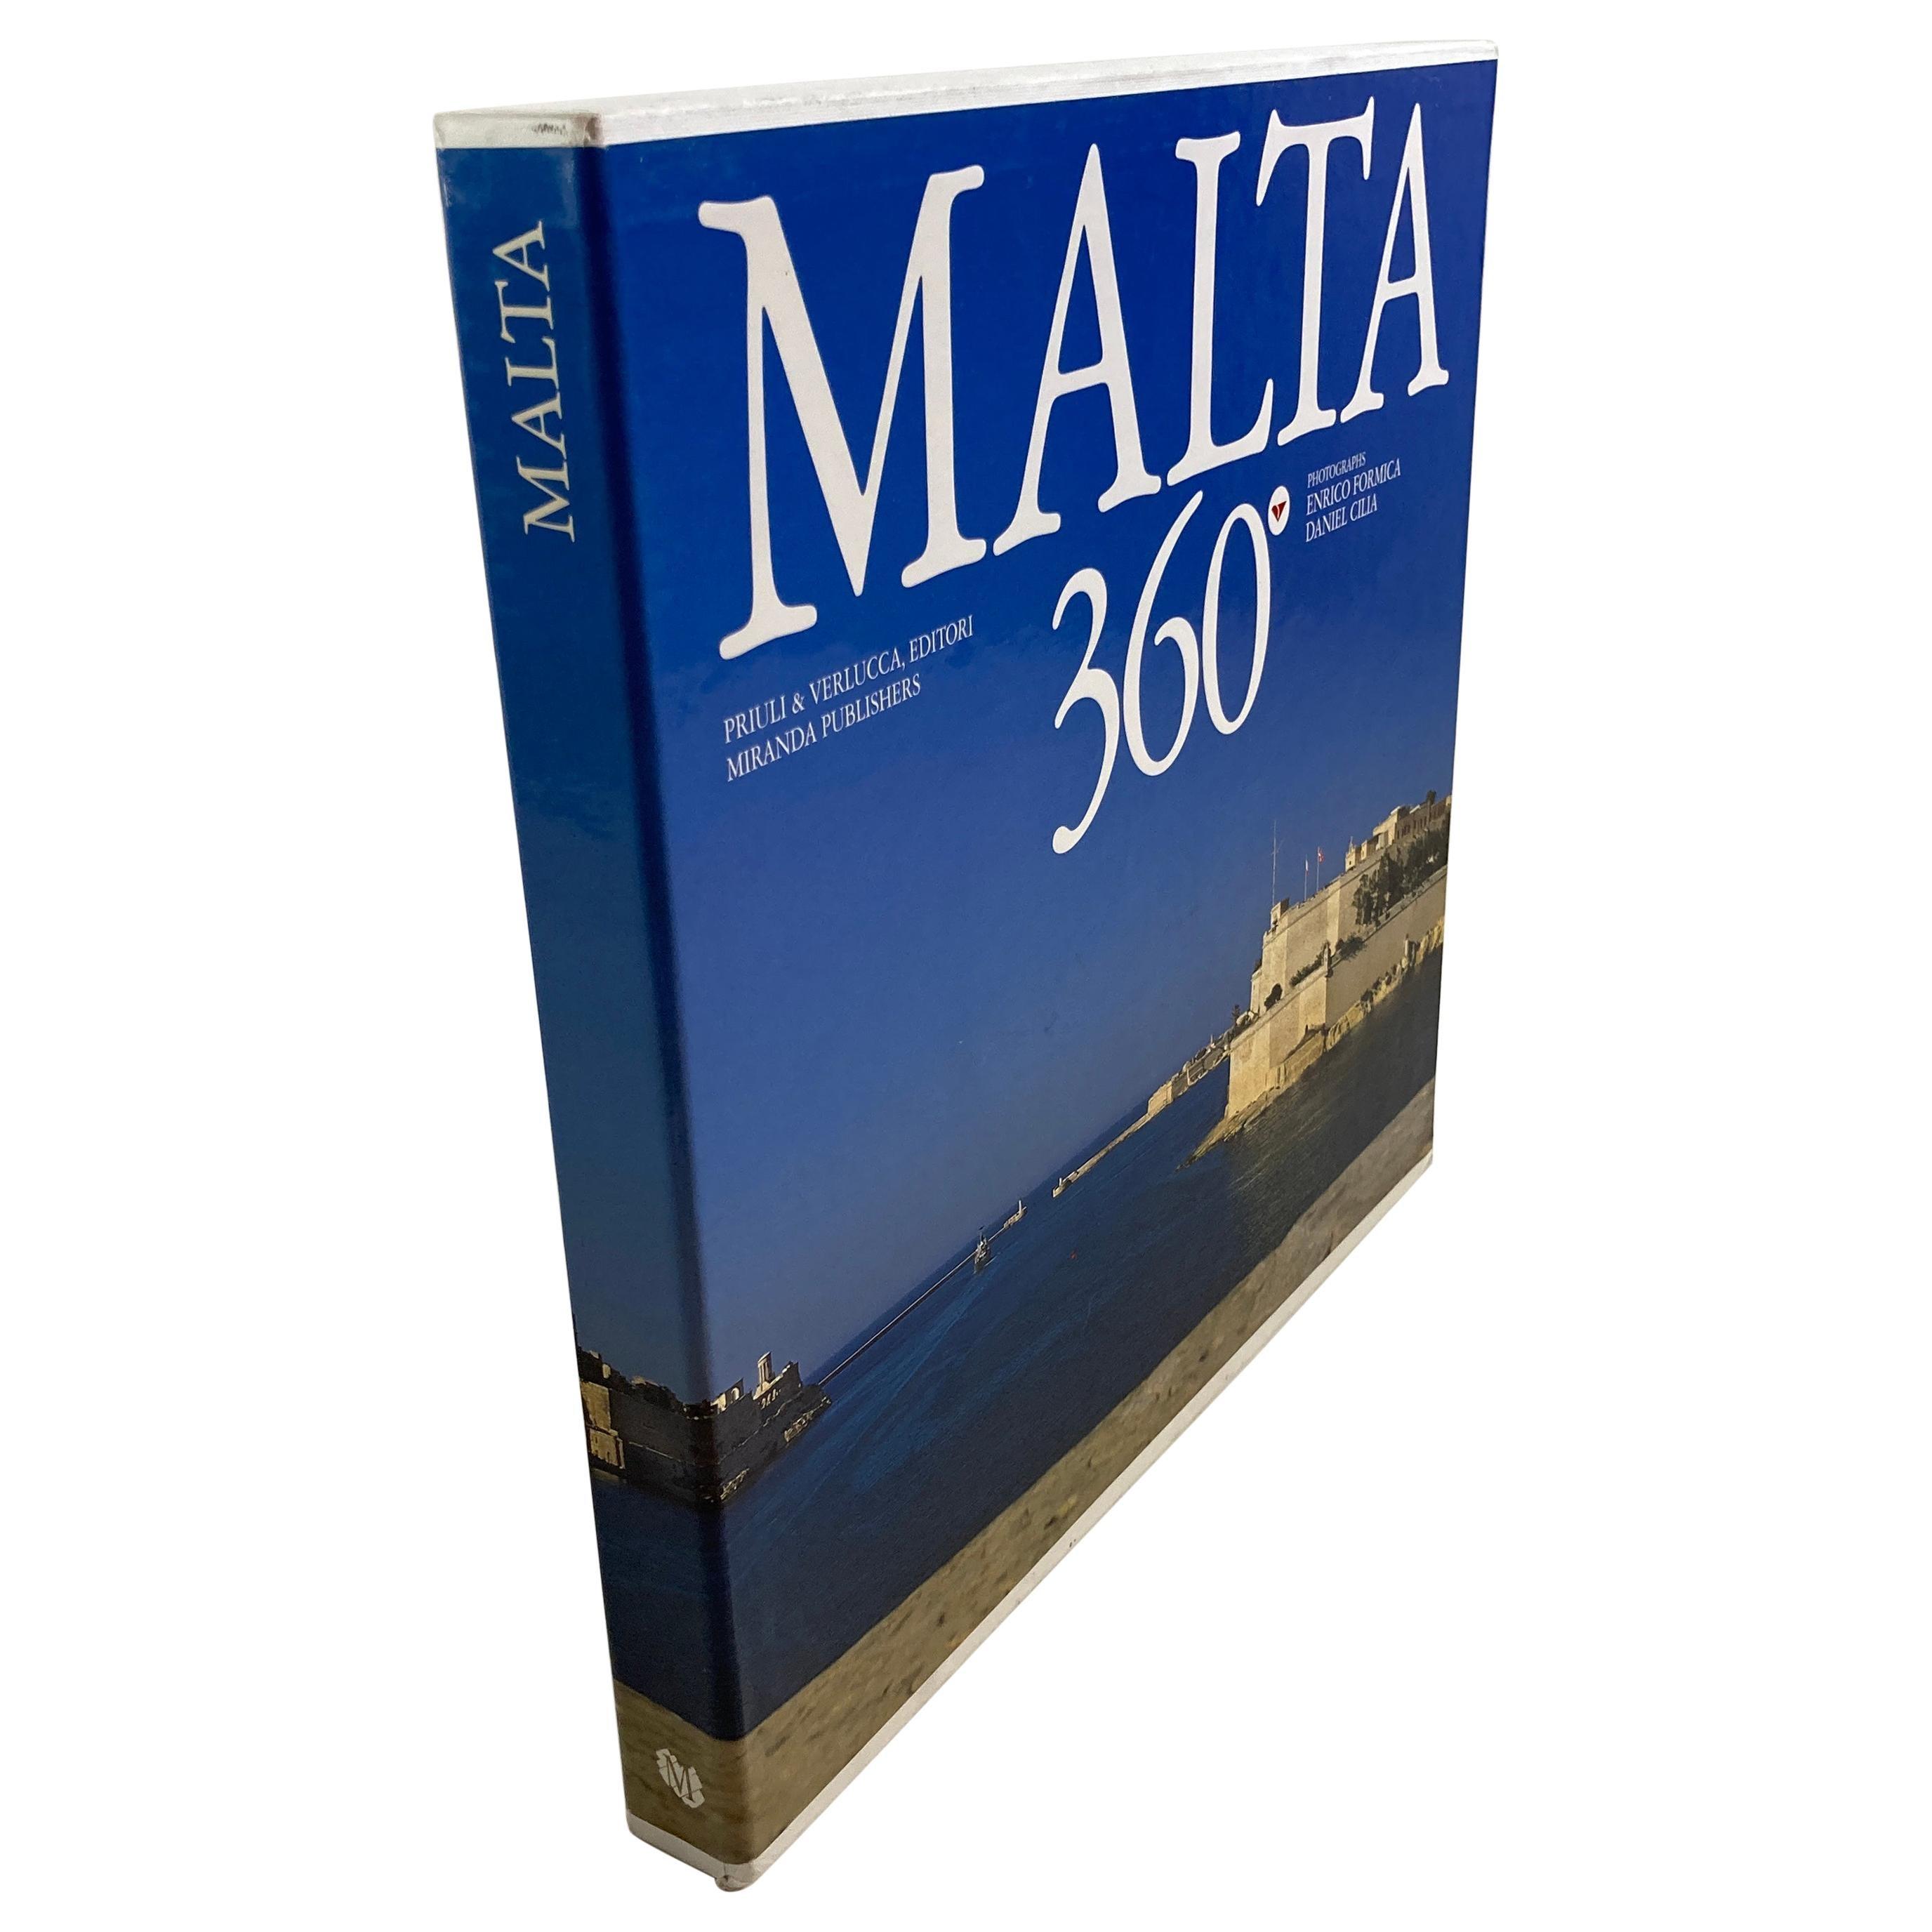 Malta 360° Book by Daniel Cilia and Enrico Formica